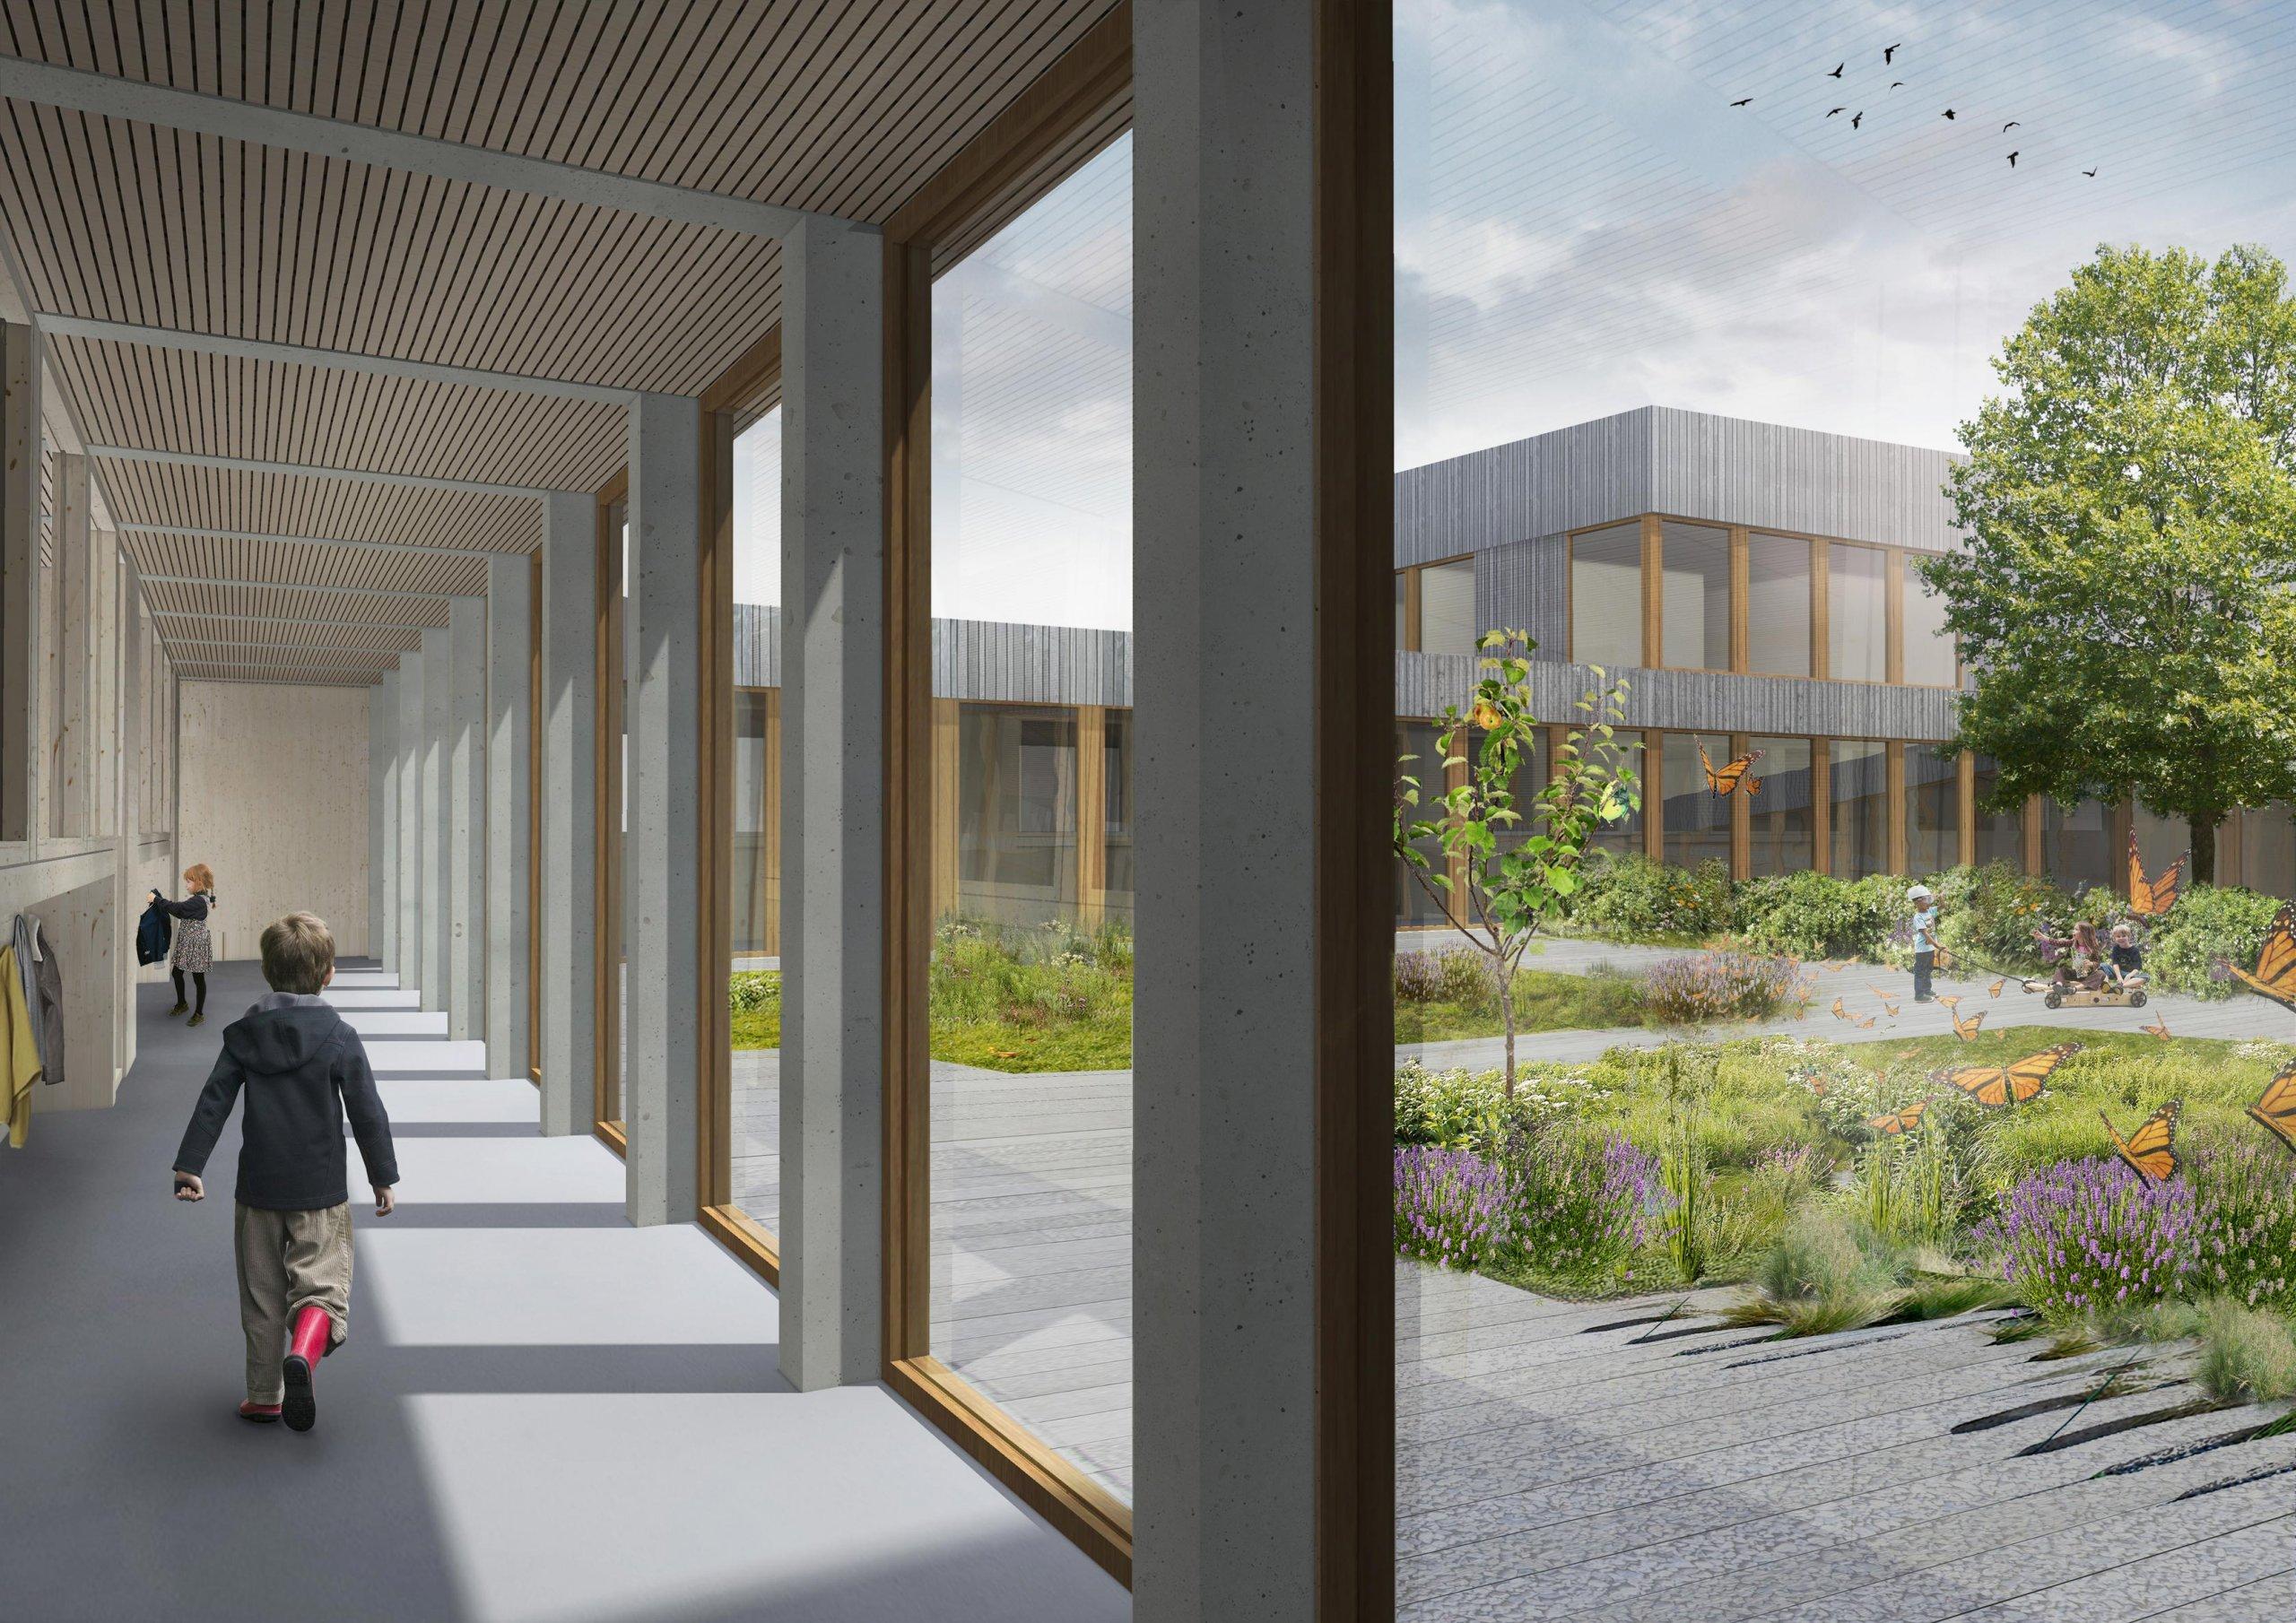 Interieur van Rudolf Steiner college en school in Haarlem, Provincie Noord-Holland